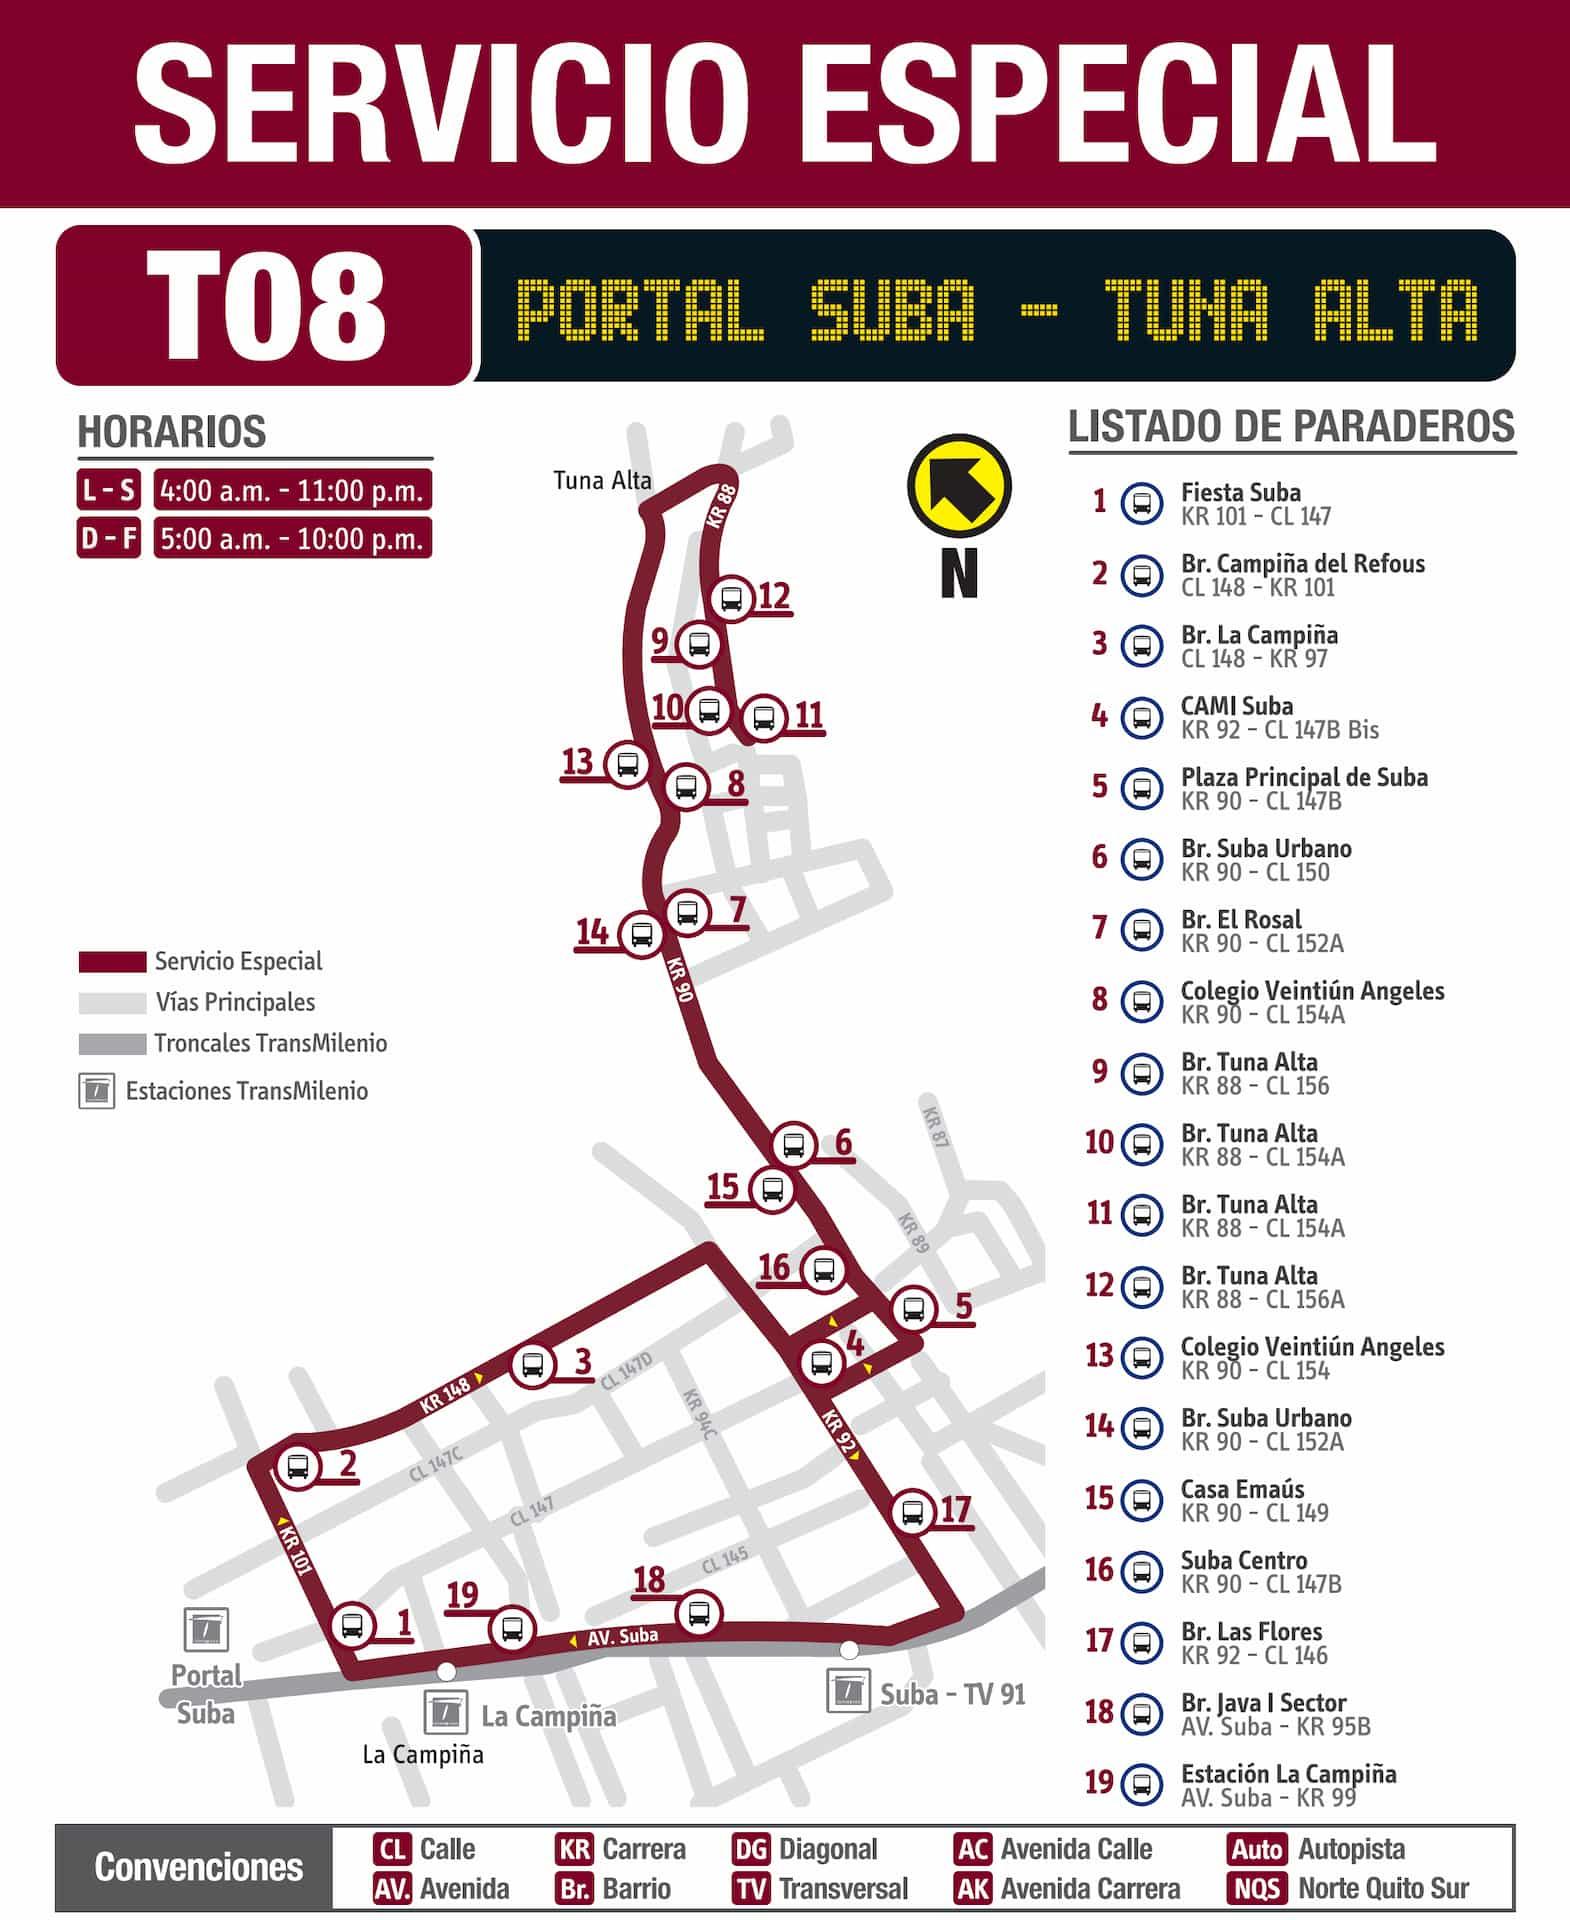 Ruta SITP denominada T08 Portal Suba - Tuna Alta, especial